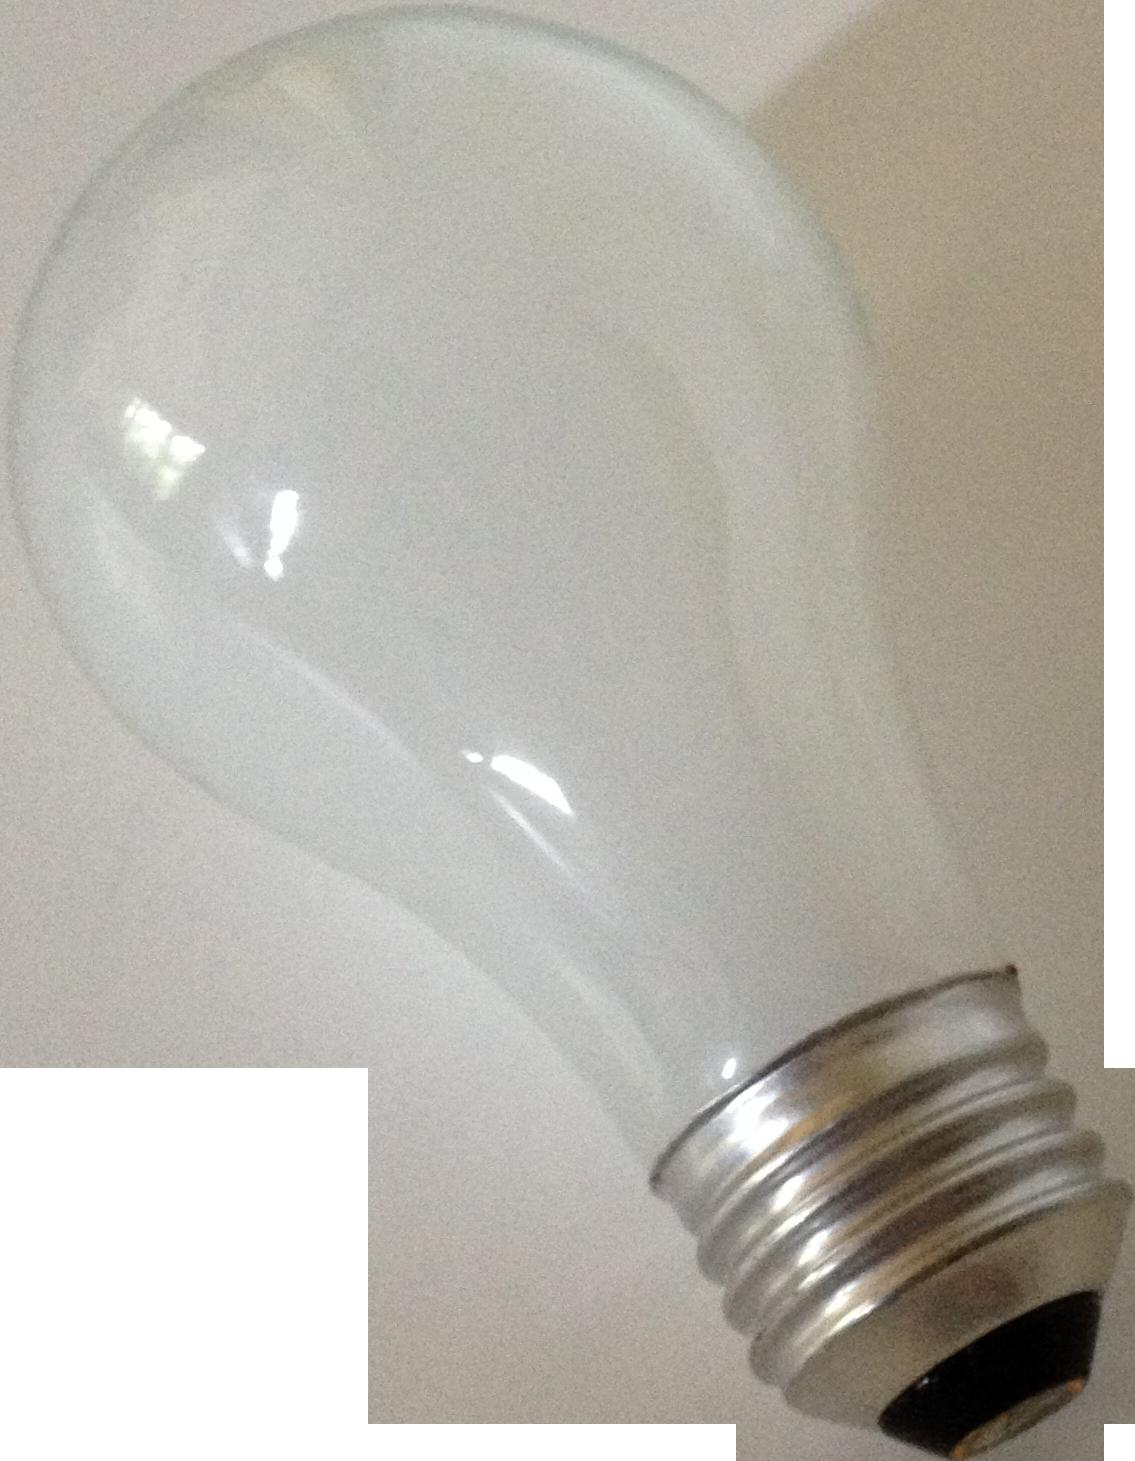 Lightbulb1.png